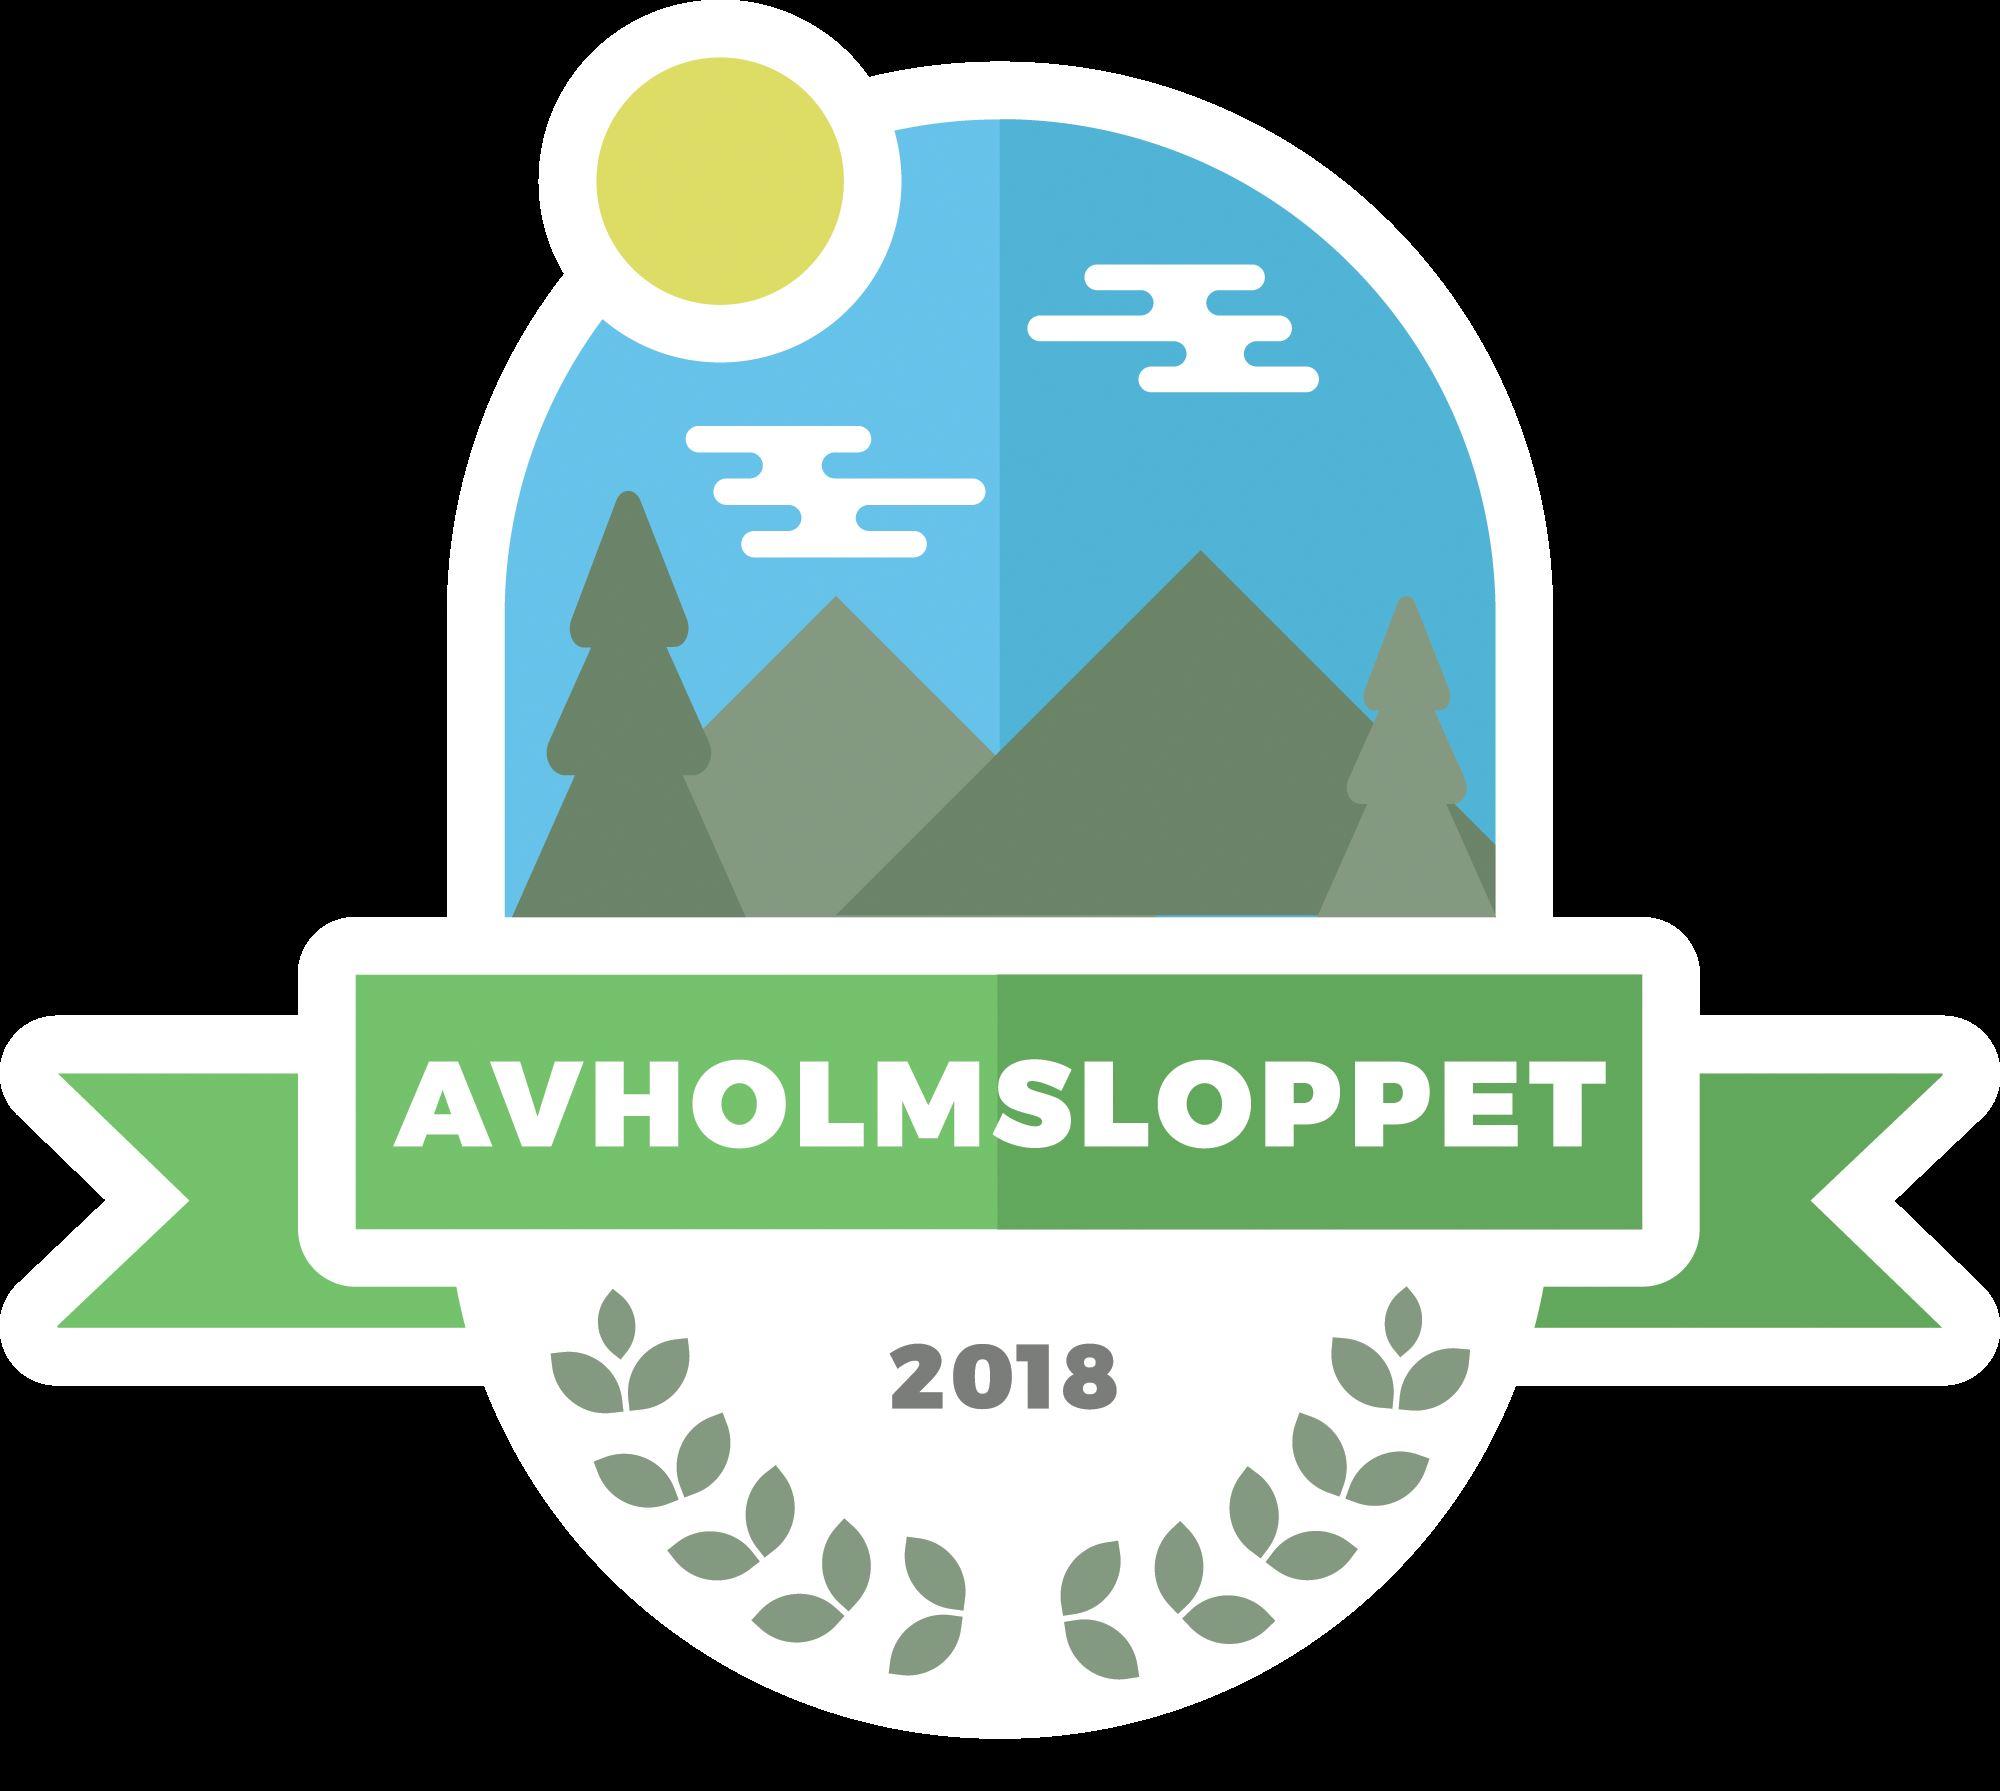 © Avholmsloppet, Avholmsloppet 2019